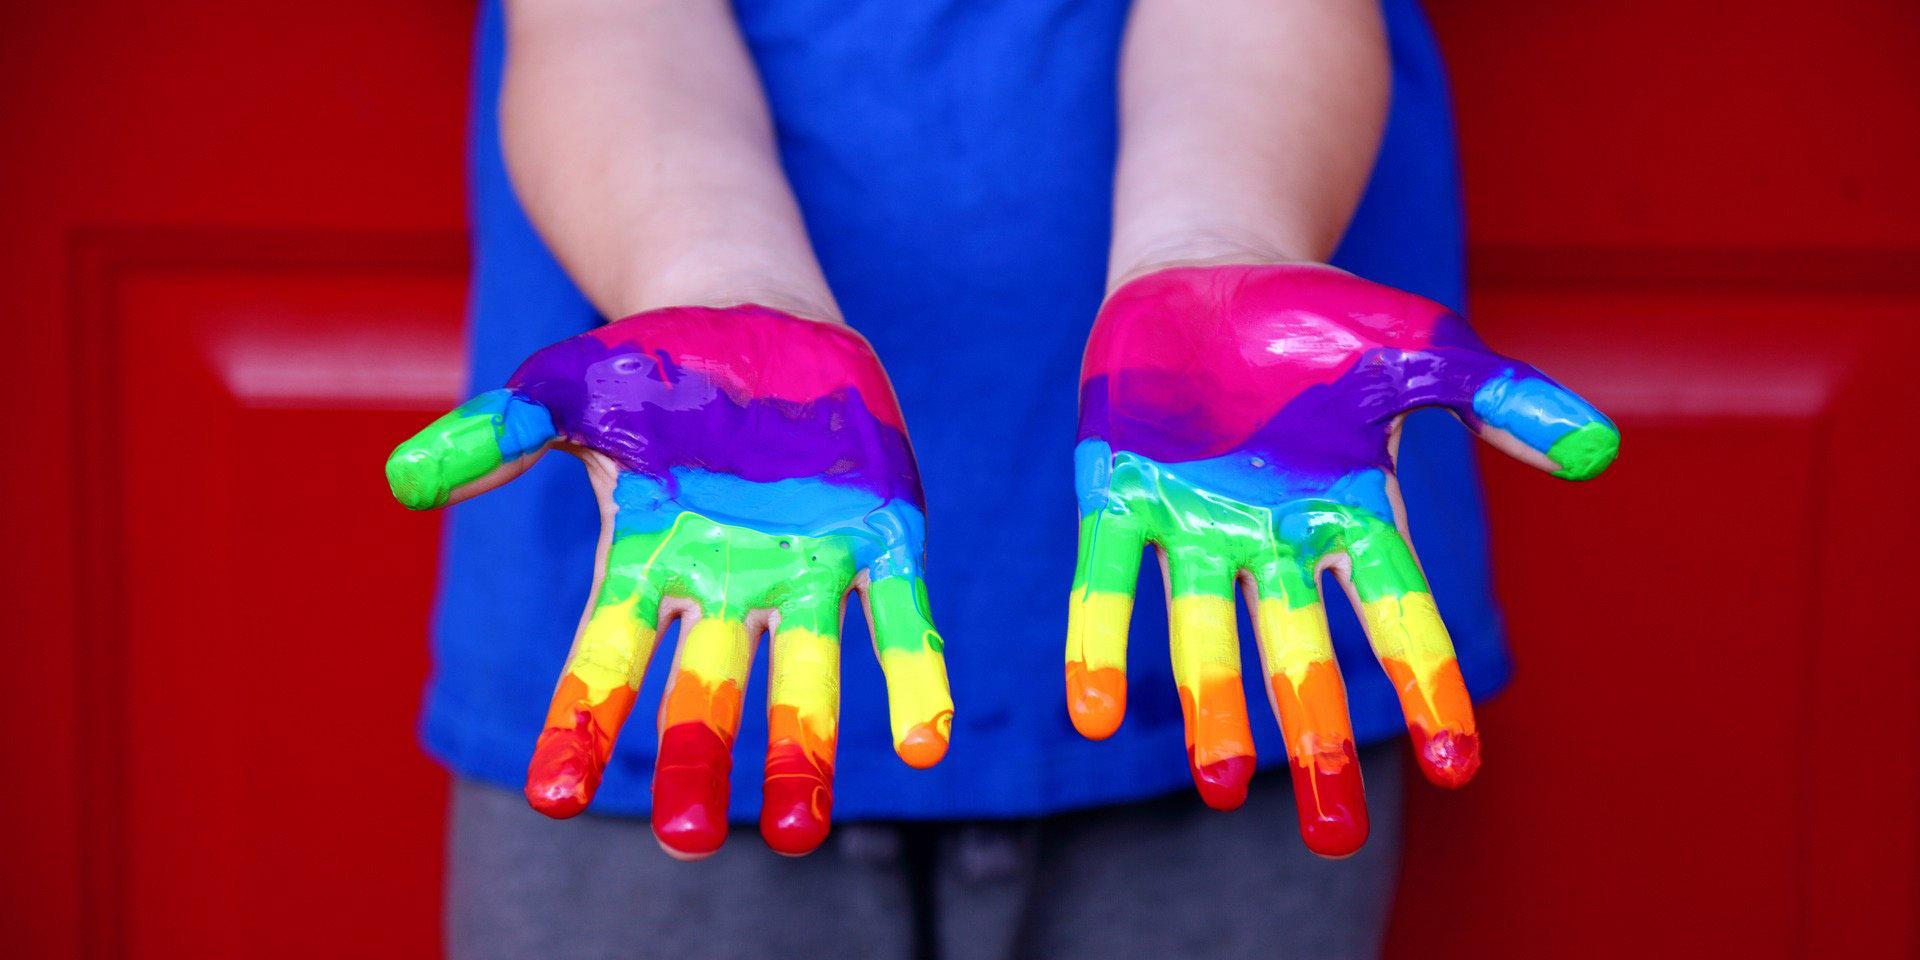 Mit Farbe bemalte Kinderhände